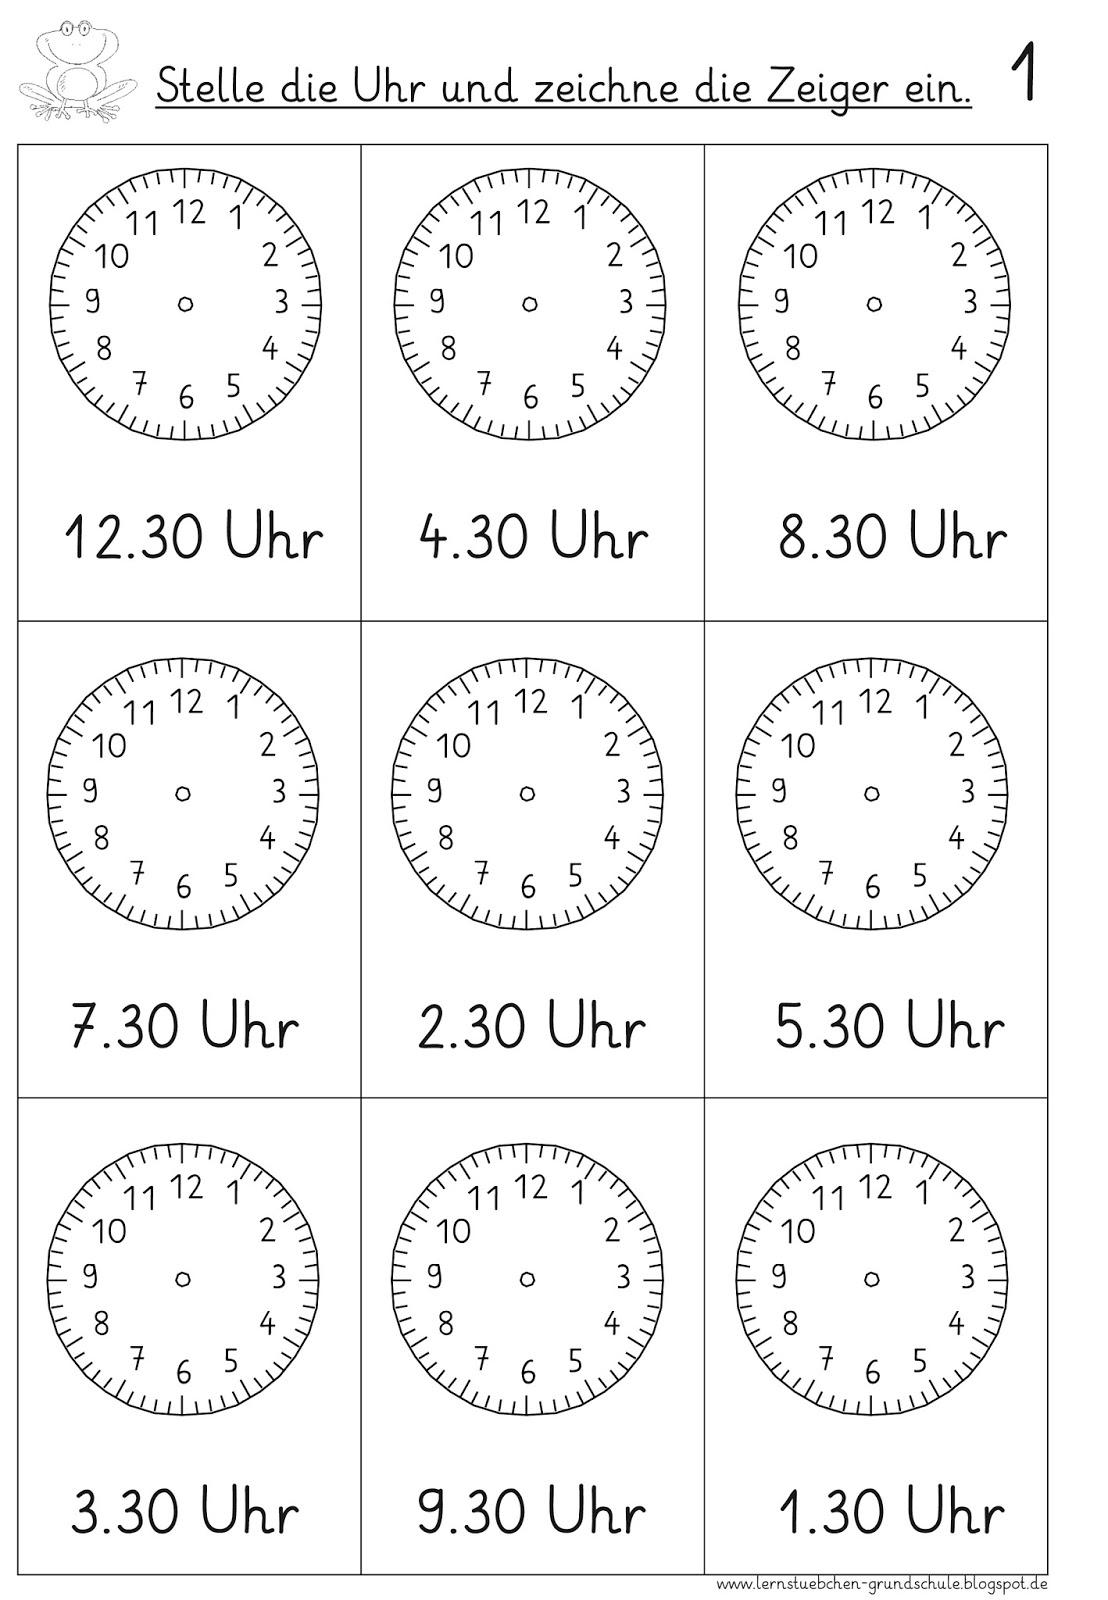 Lernstubchen Vorgegebene Uhrzeiten Einstellen 3